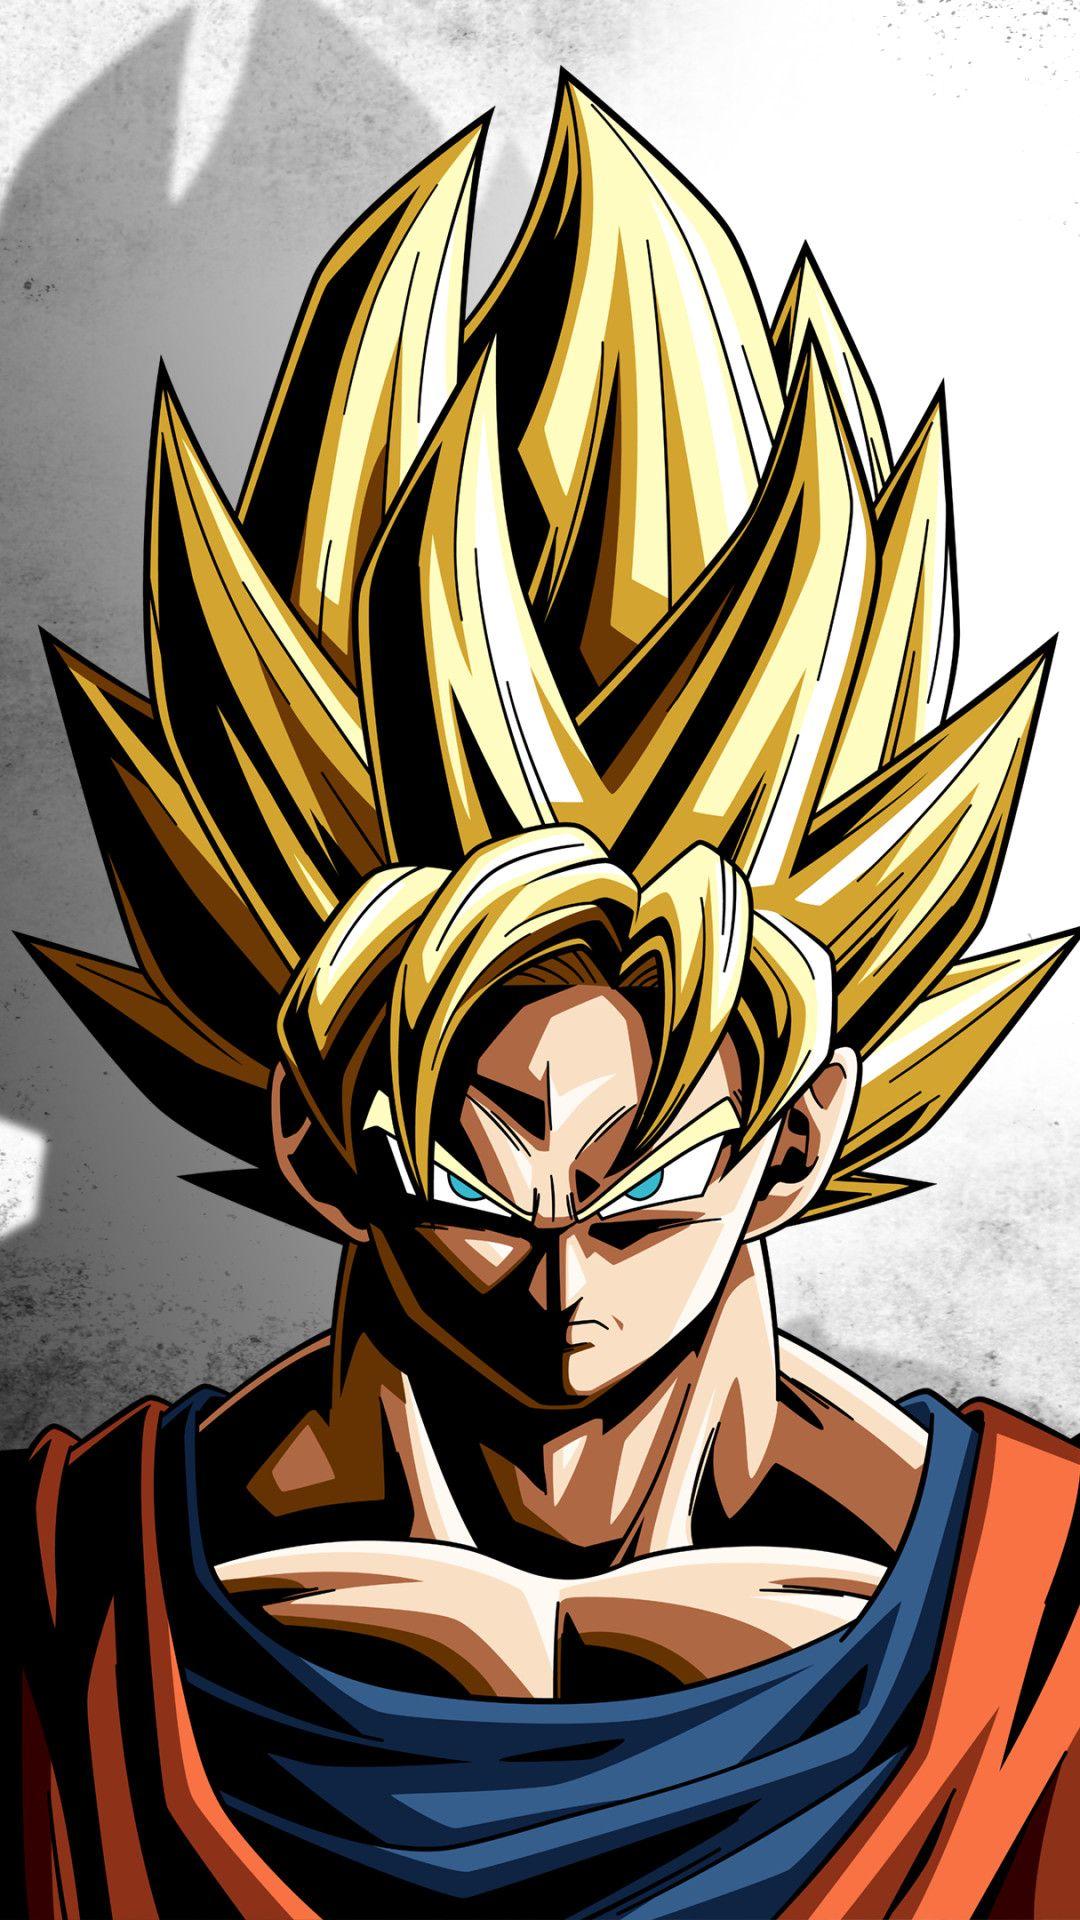 Dragon Ball Z   Anime iPhone wallpapers   Goku   Dragon ball z iphone wallpaper, Dragon ball z ...